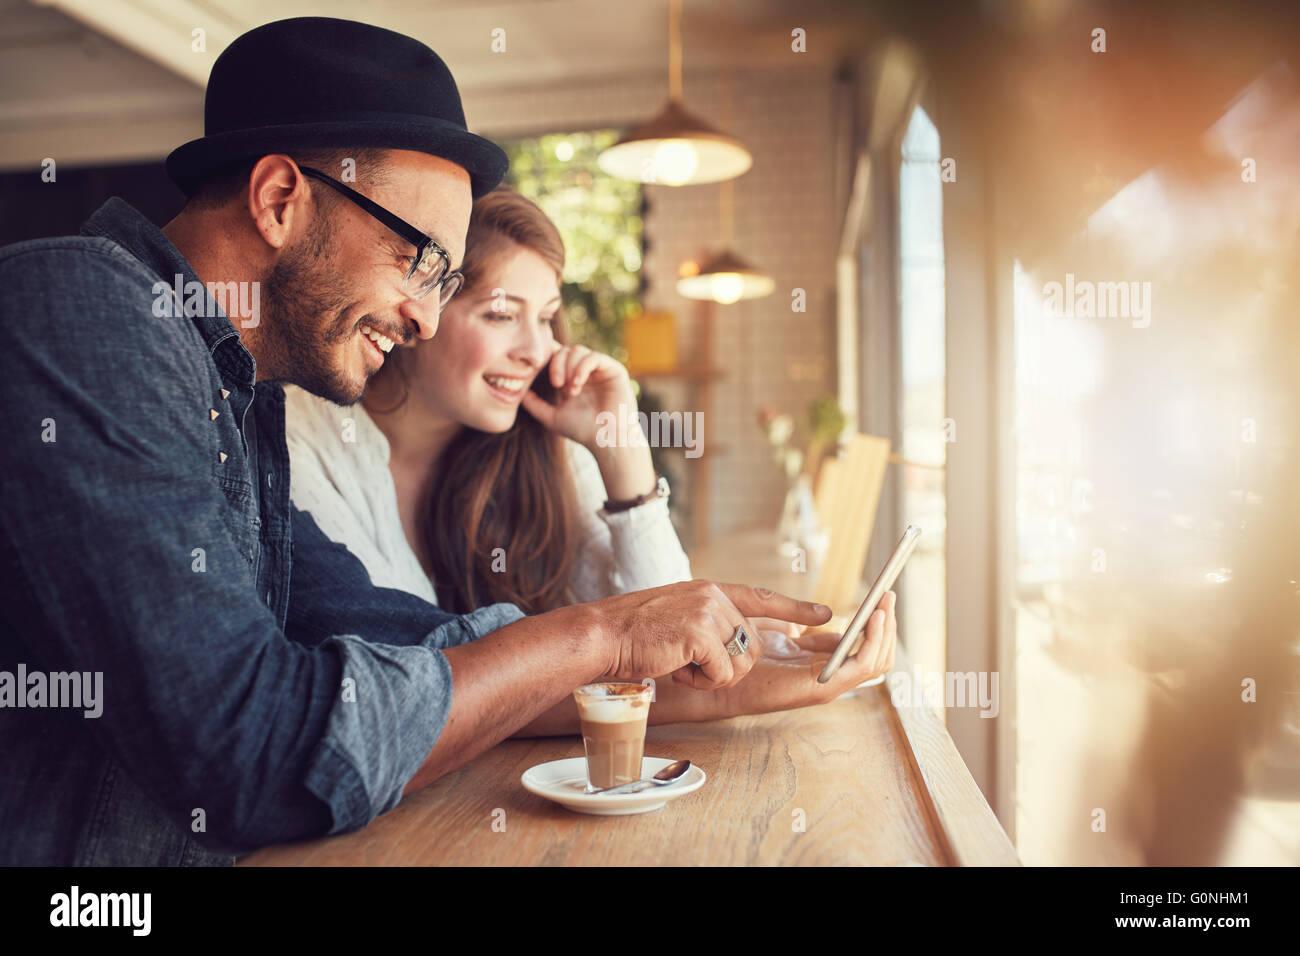 Lächelnd junges Paar in einem Coffee-Shop mit Touchscreen-Computer. Junger Mann und Frau in einem Restaurant Stockbild